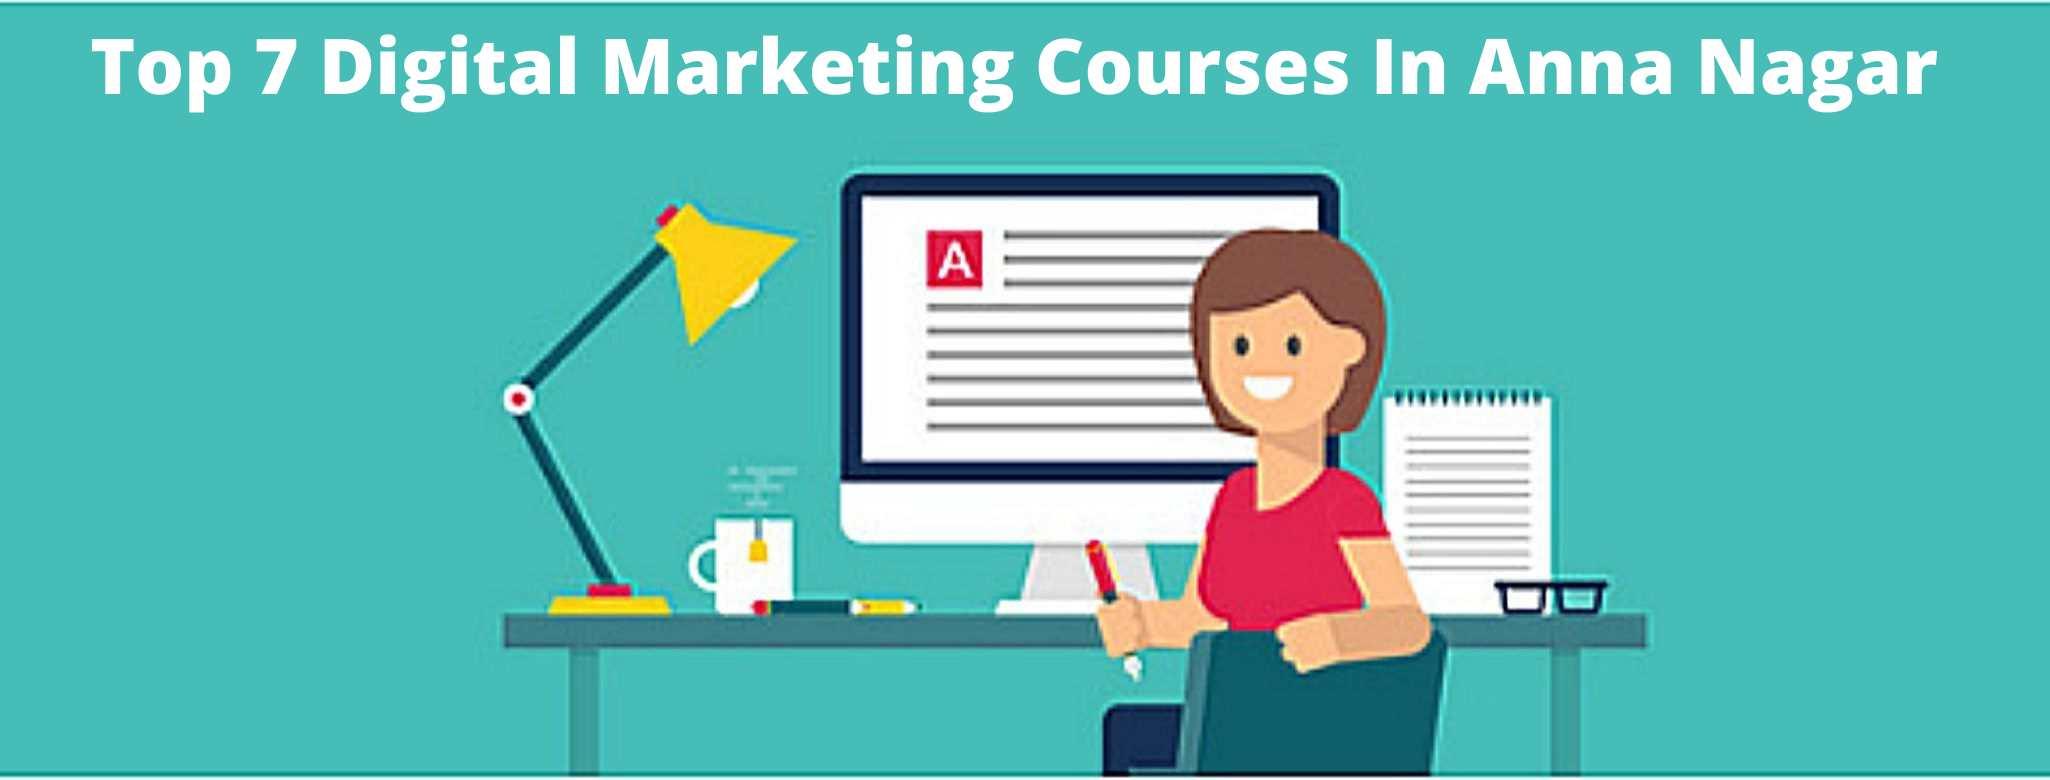 Digital-Marketing-Courses-In-Anna-Nagar-2.jpg